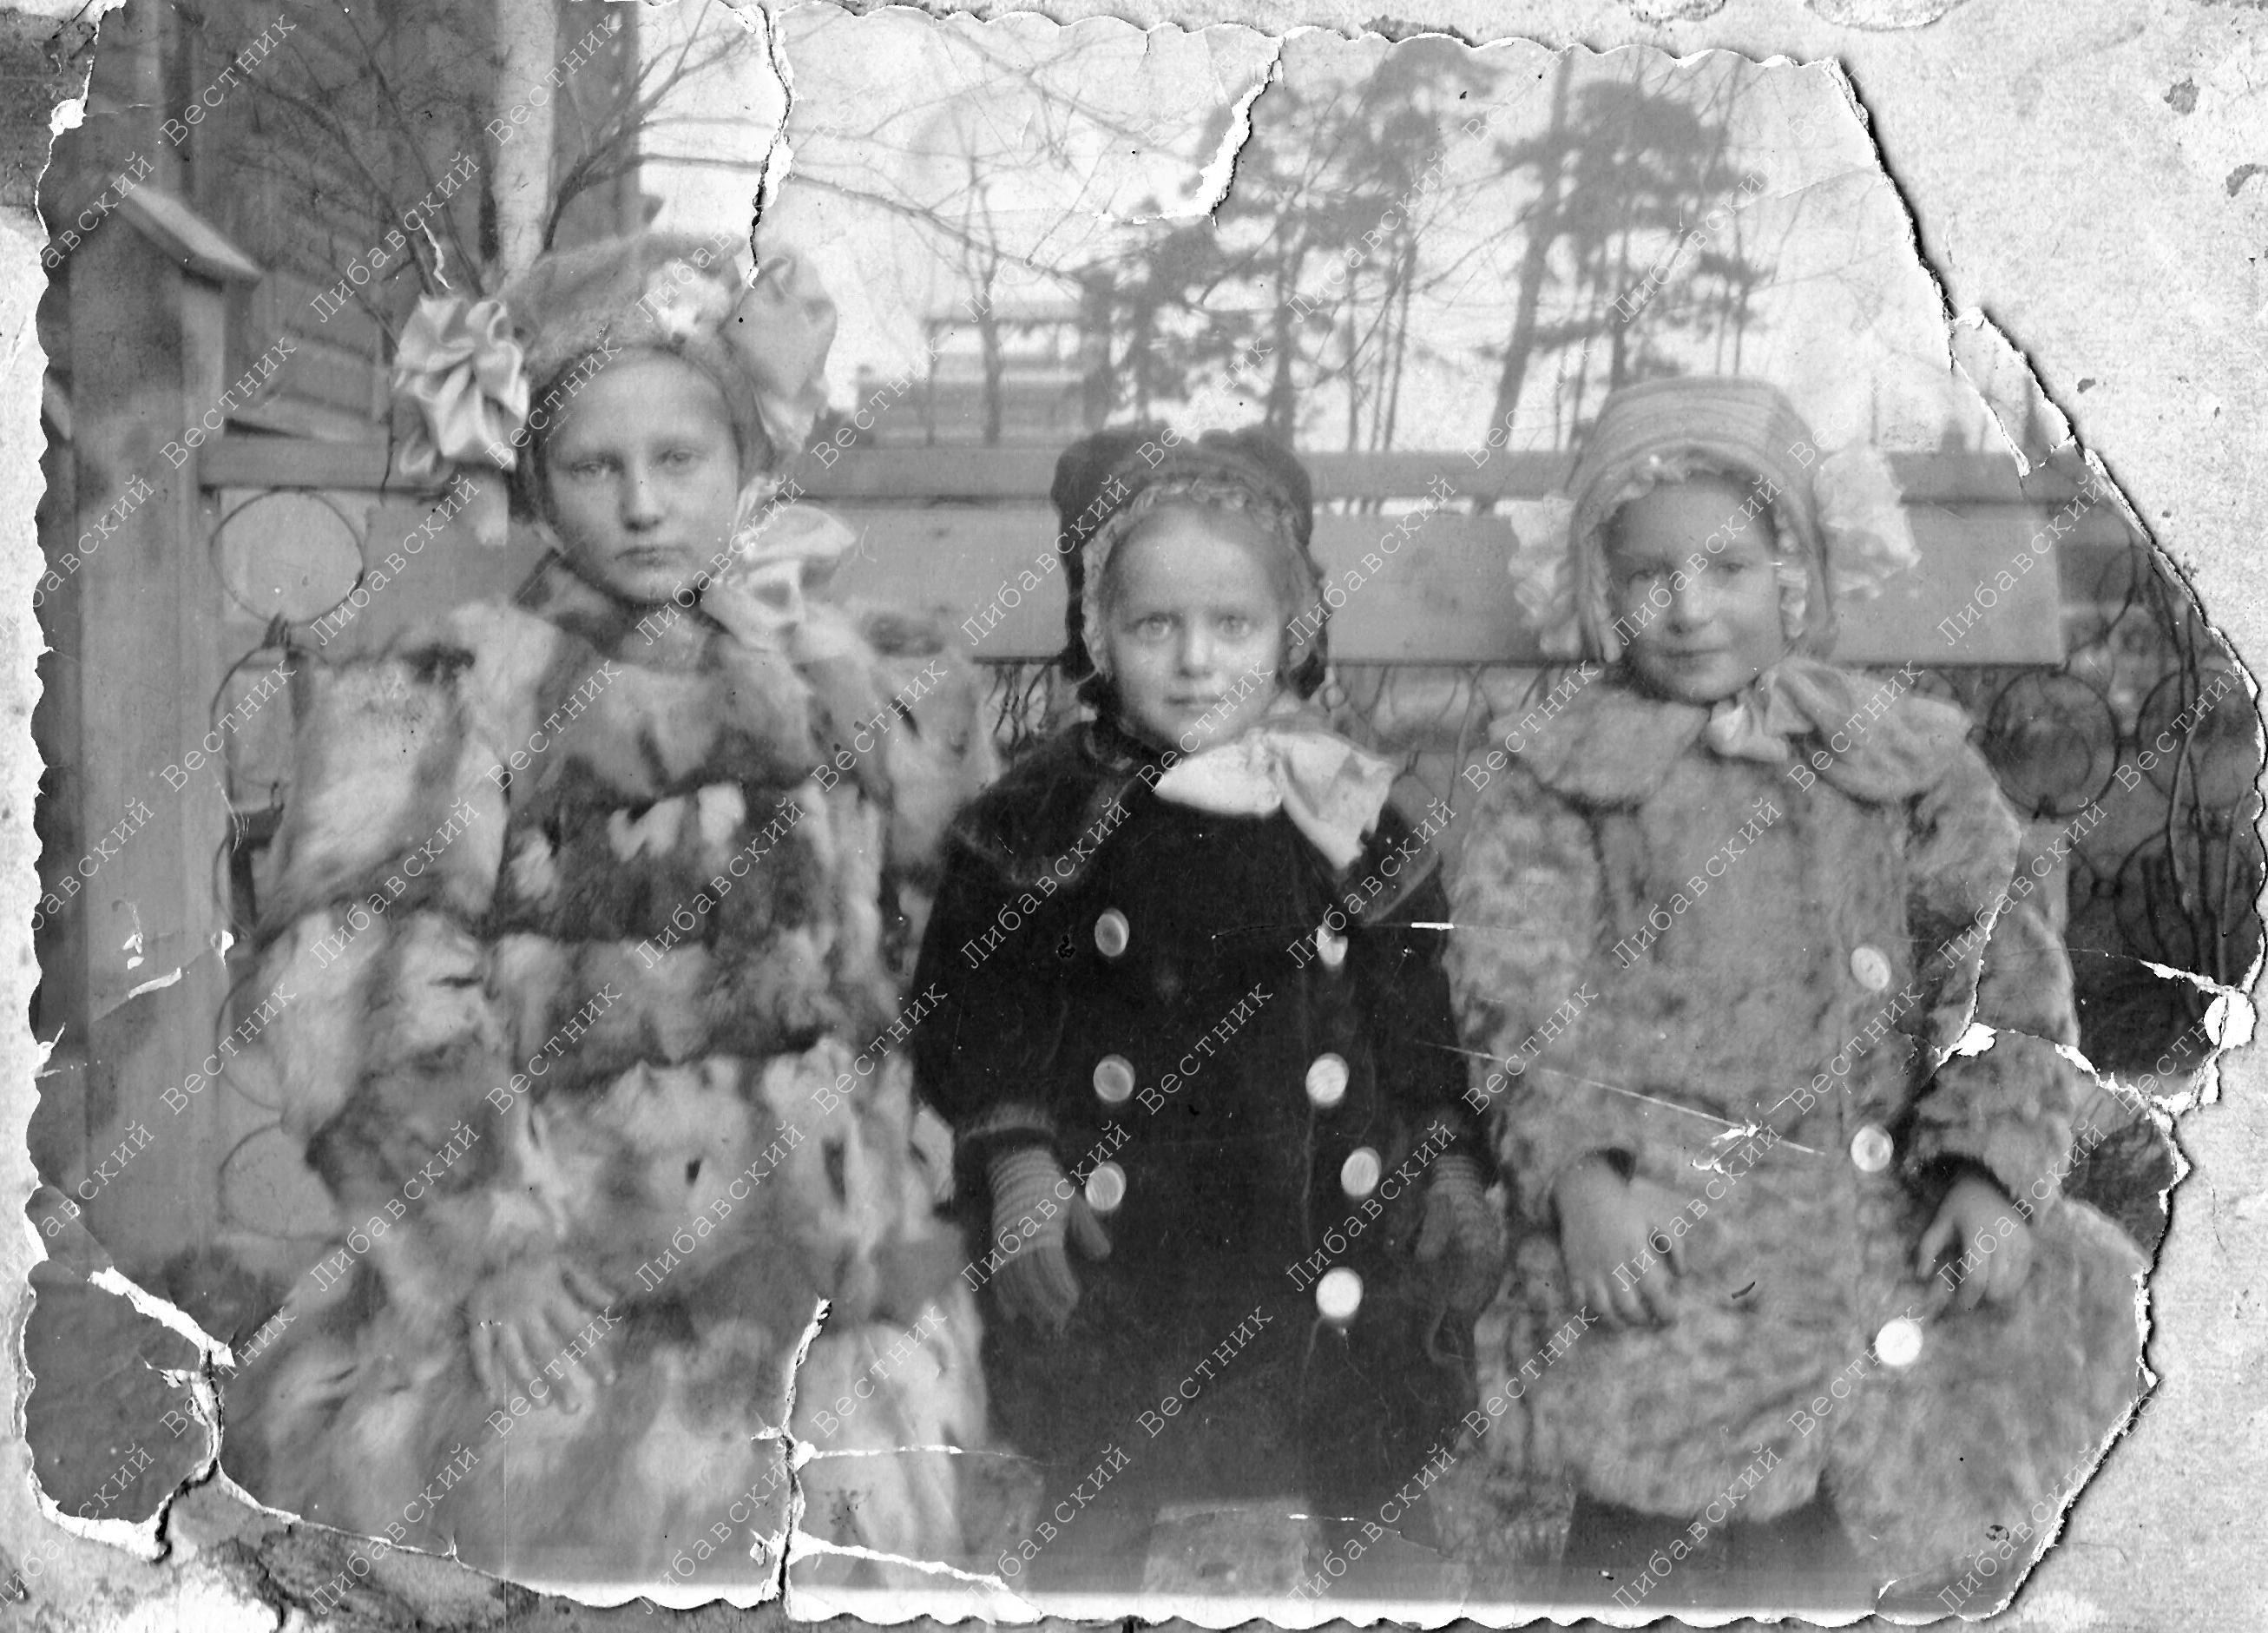 Дочери капитана по адмиралтейству Фёдора Кобылинского у подъезда офицерского флигеля. На заднем плане колокольня манежной церкви. Фото 1912 года